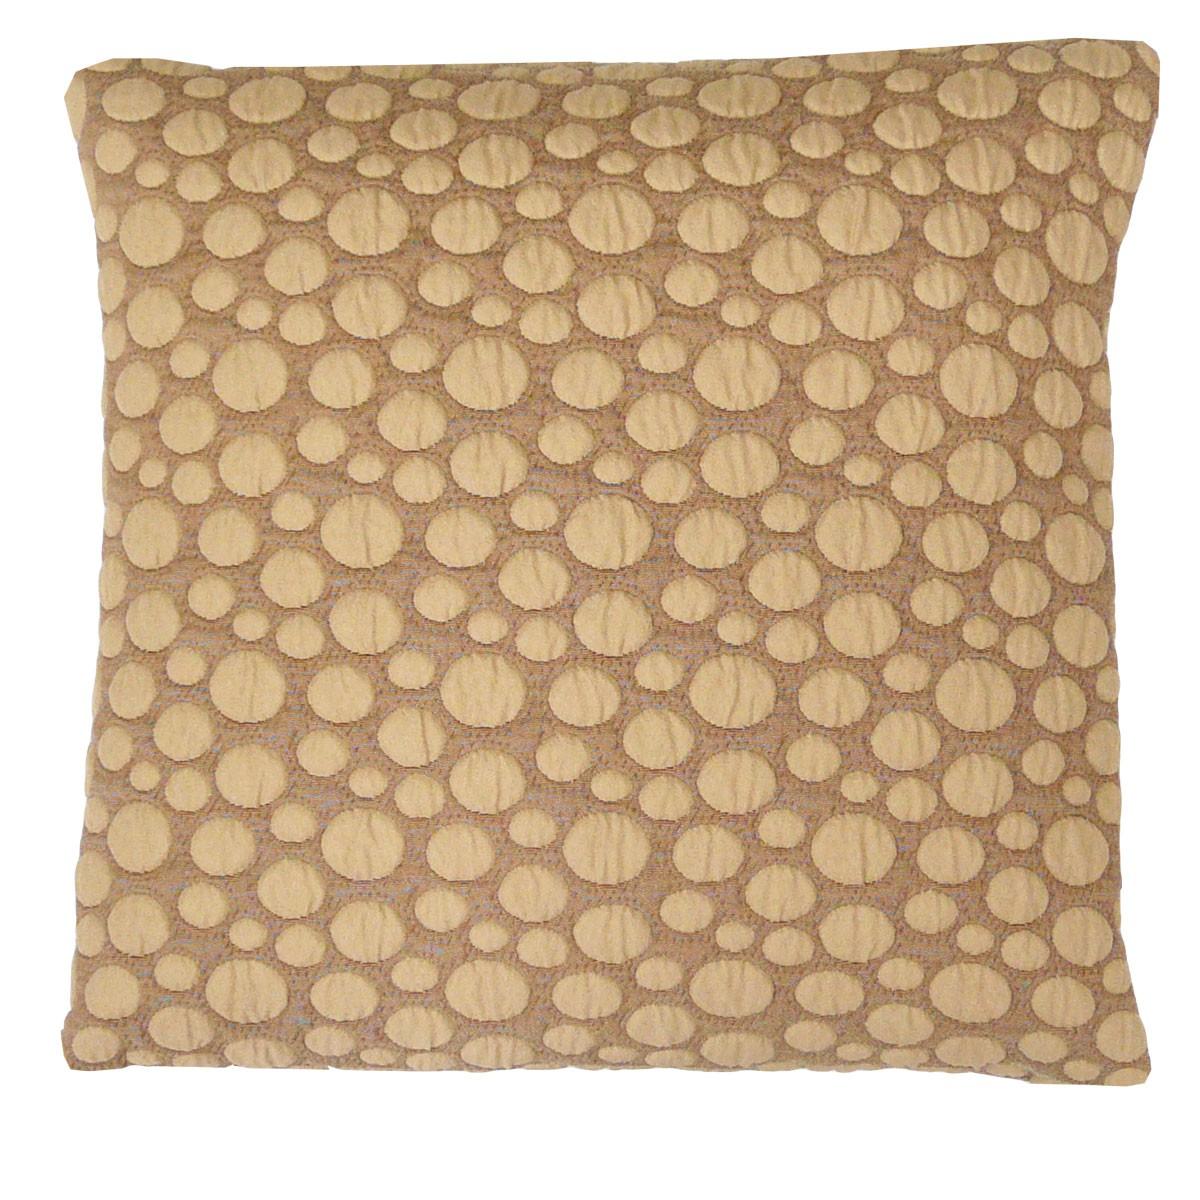 kissen mit punkten kissen mit f llung goldfarbig mit punkten beige 35x45cm kissen gr n mit. Black Bedroom Furniture Sets. Home Design Ideas